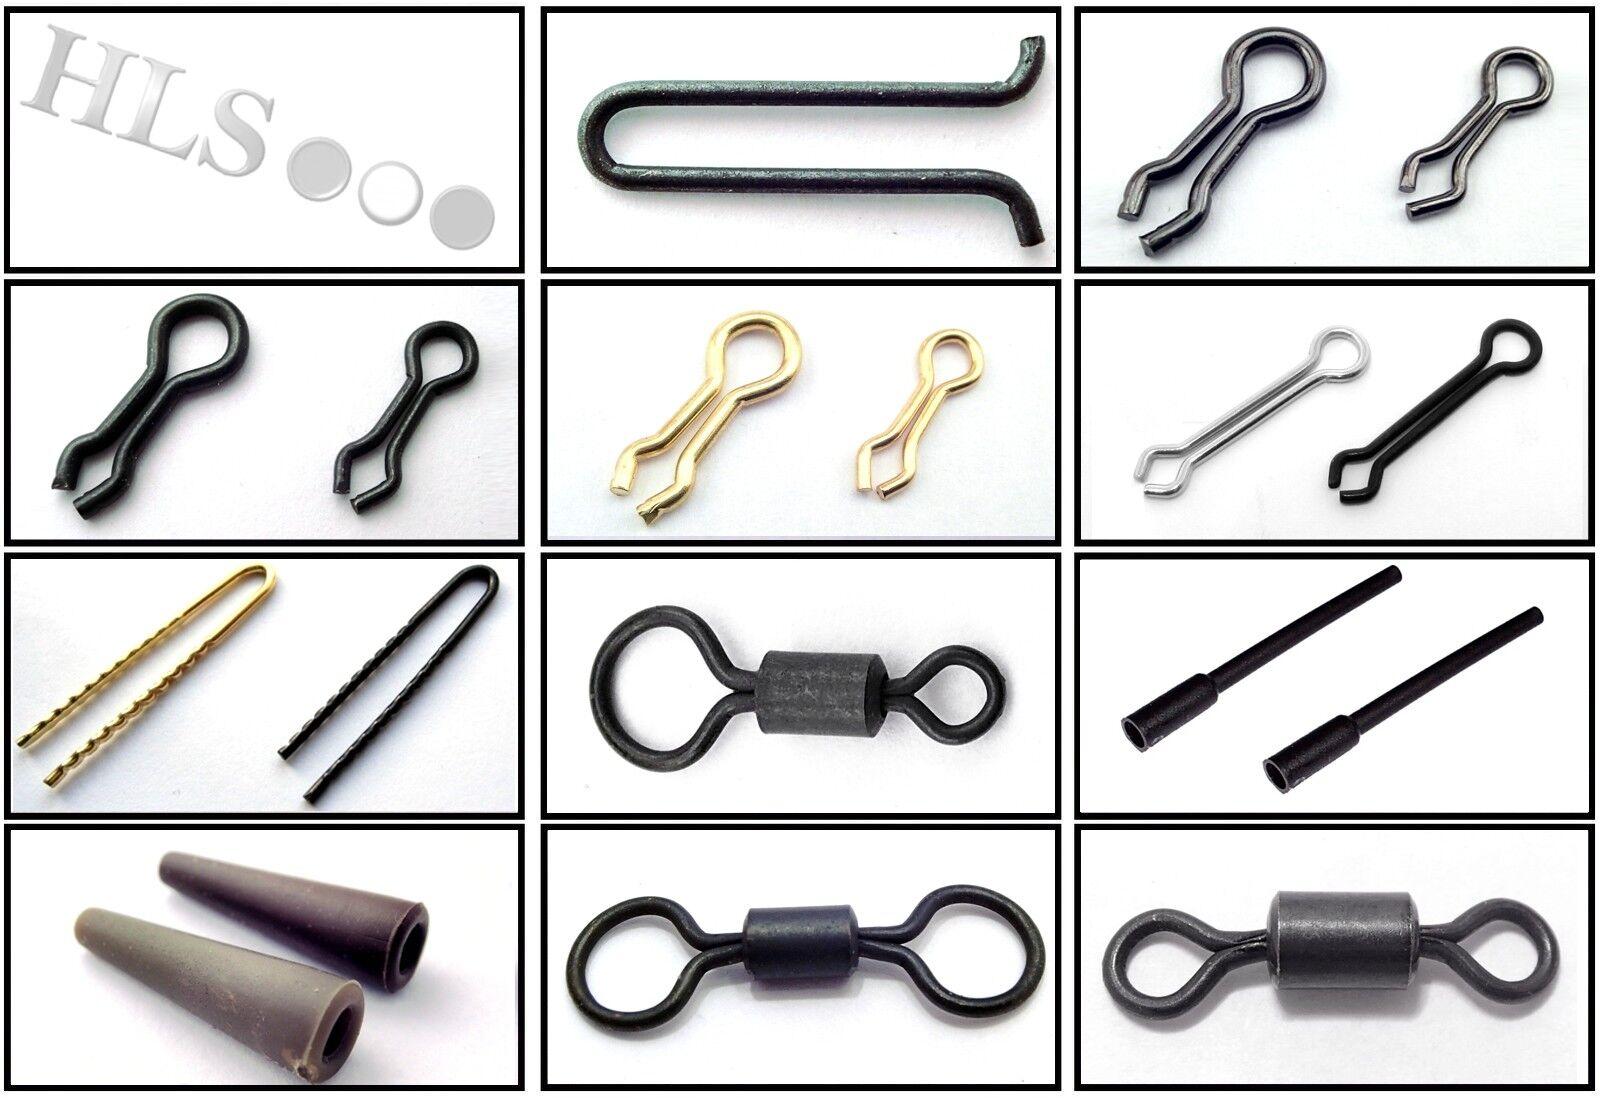 Cable Moldura Artículos - Hls Products - Aros Giratorios Home Cable Fabricación